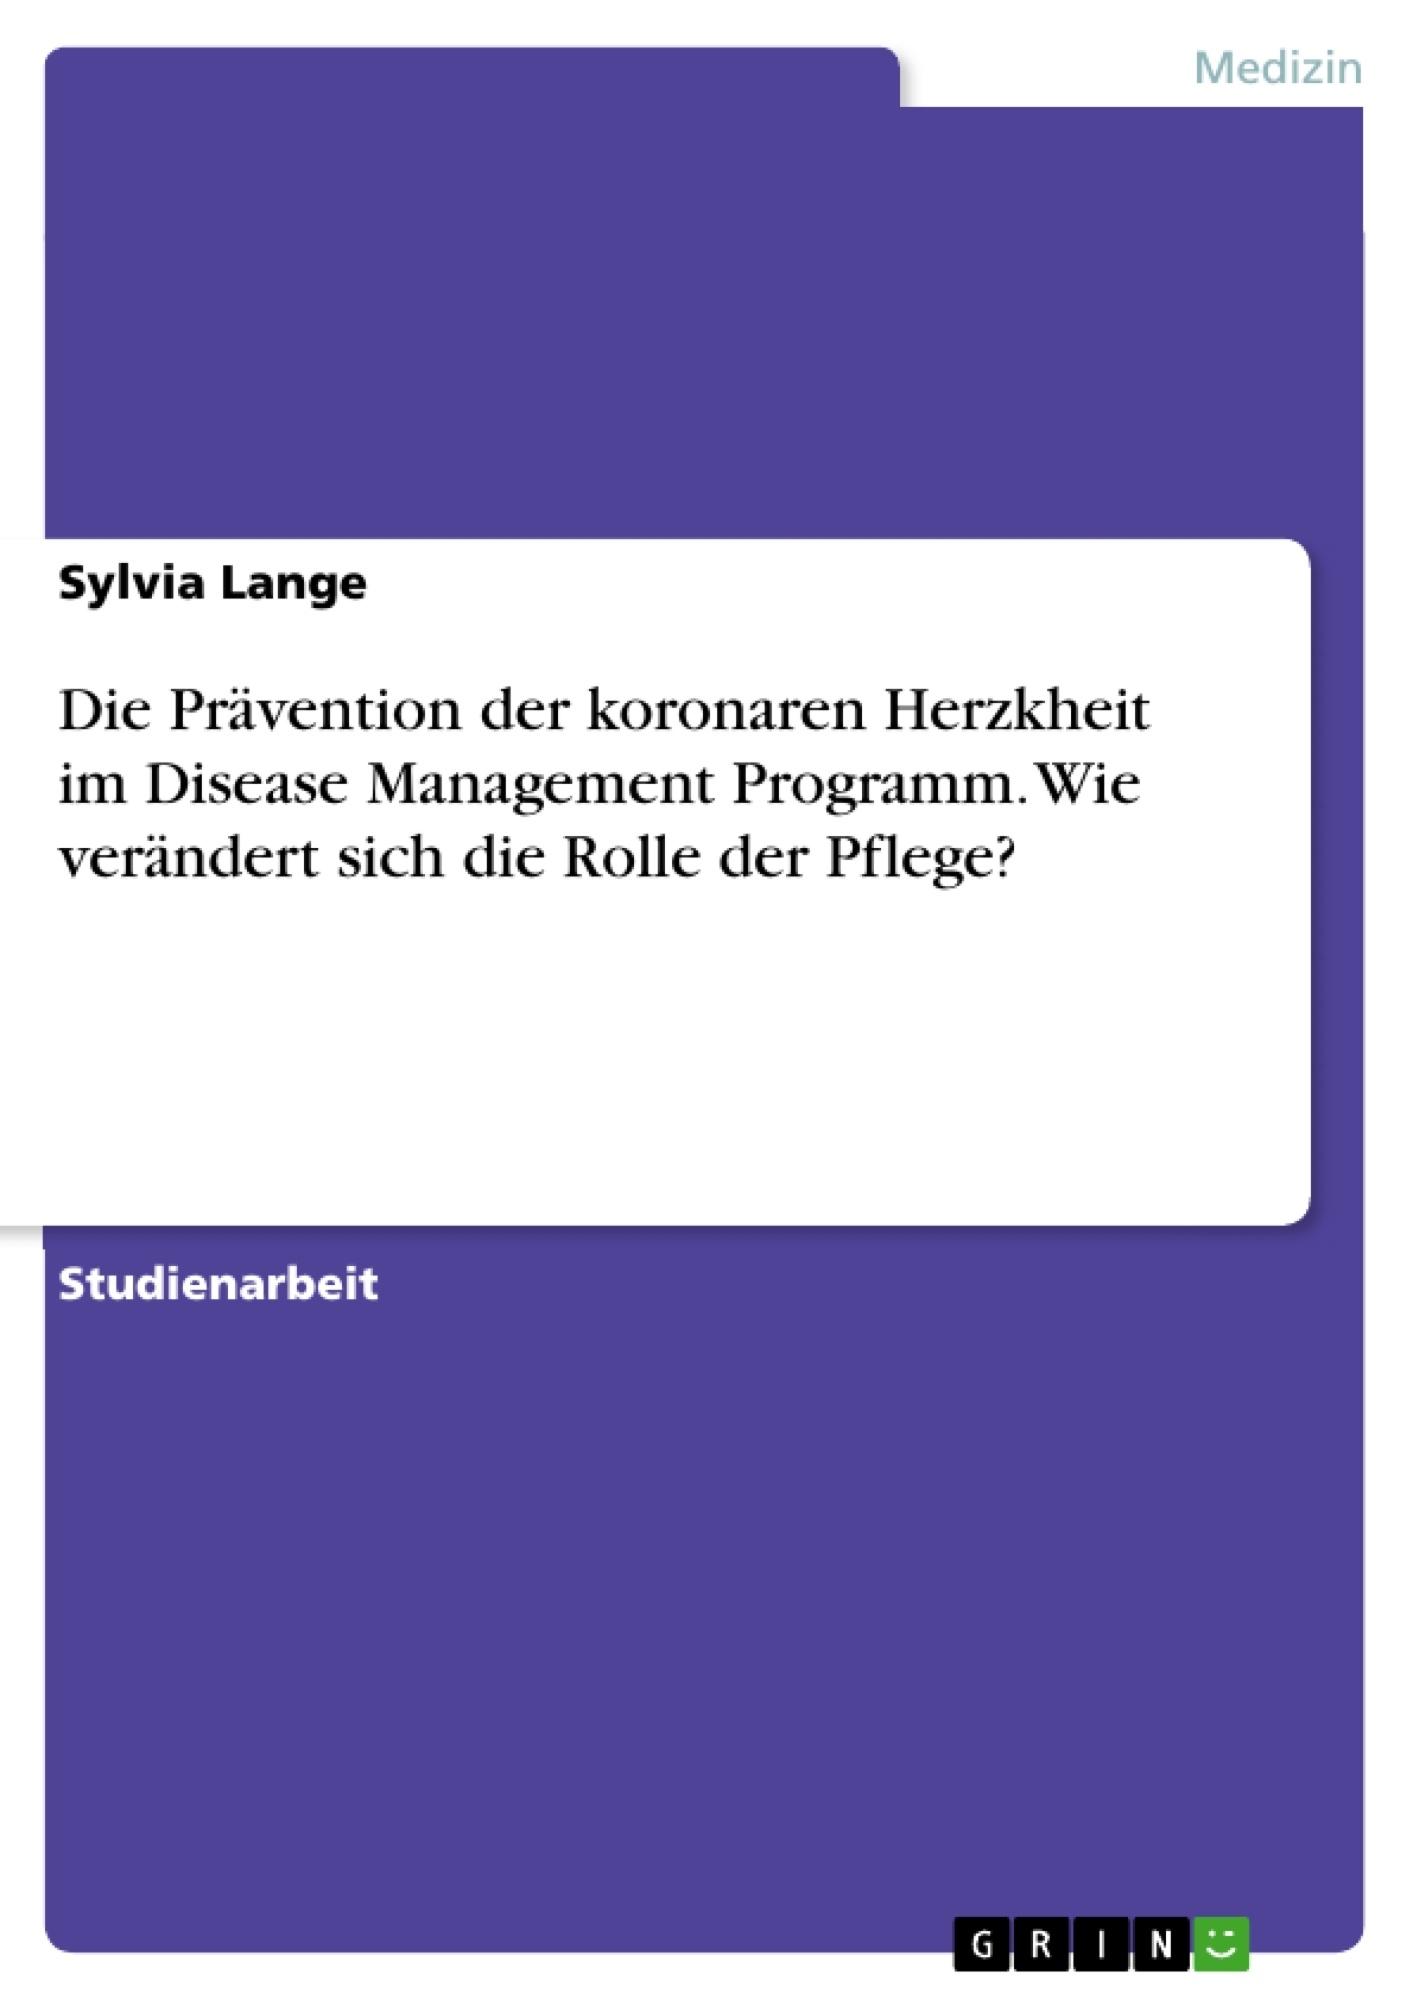 Titel: Die Prävention der koronaren Herzkheit im Disease Management Programm. Wie verändert sich die Rolle der Pflege?